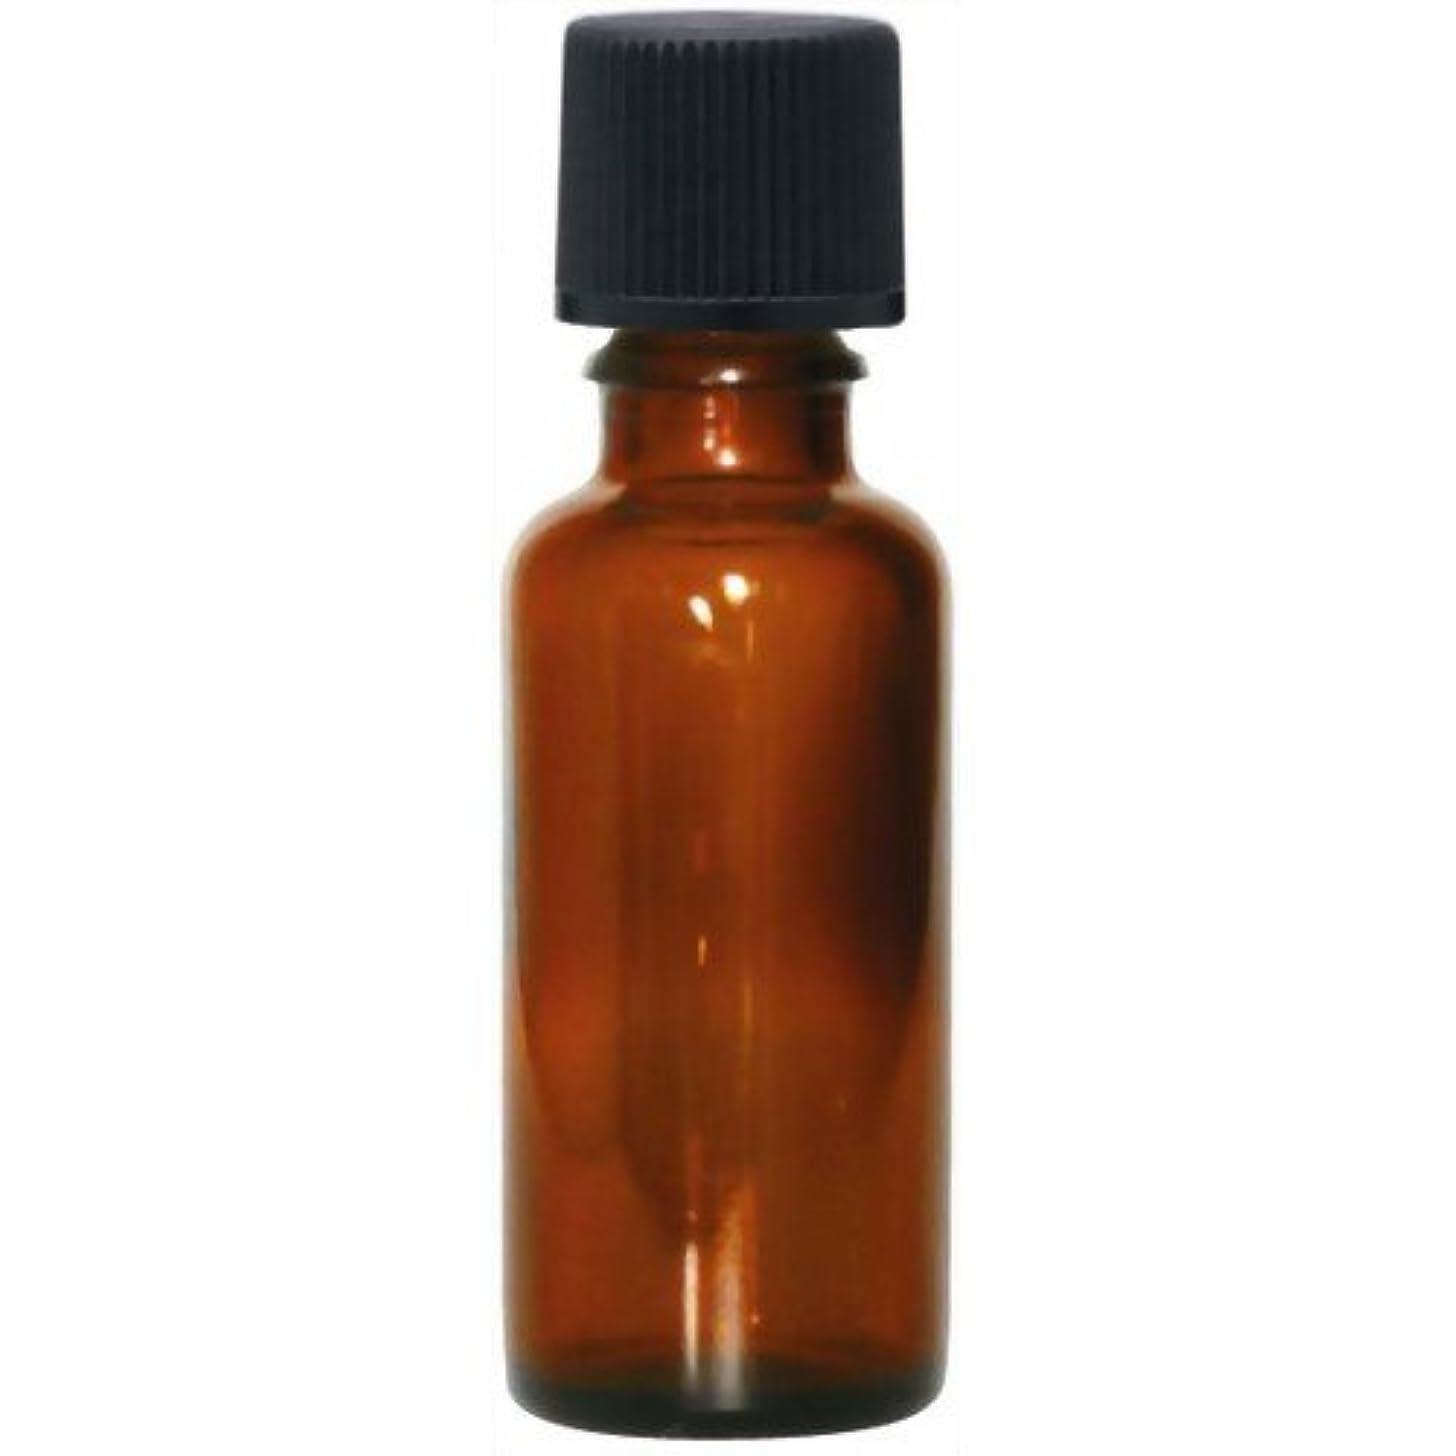 茶色遮光瓶30ml(黒キャップ)